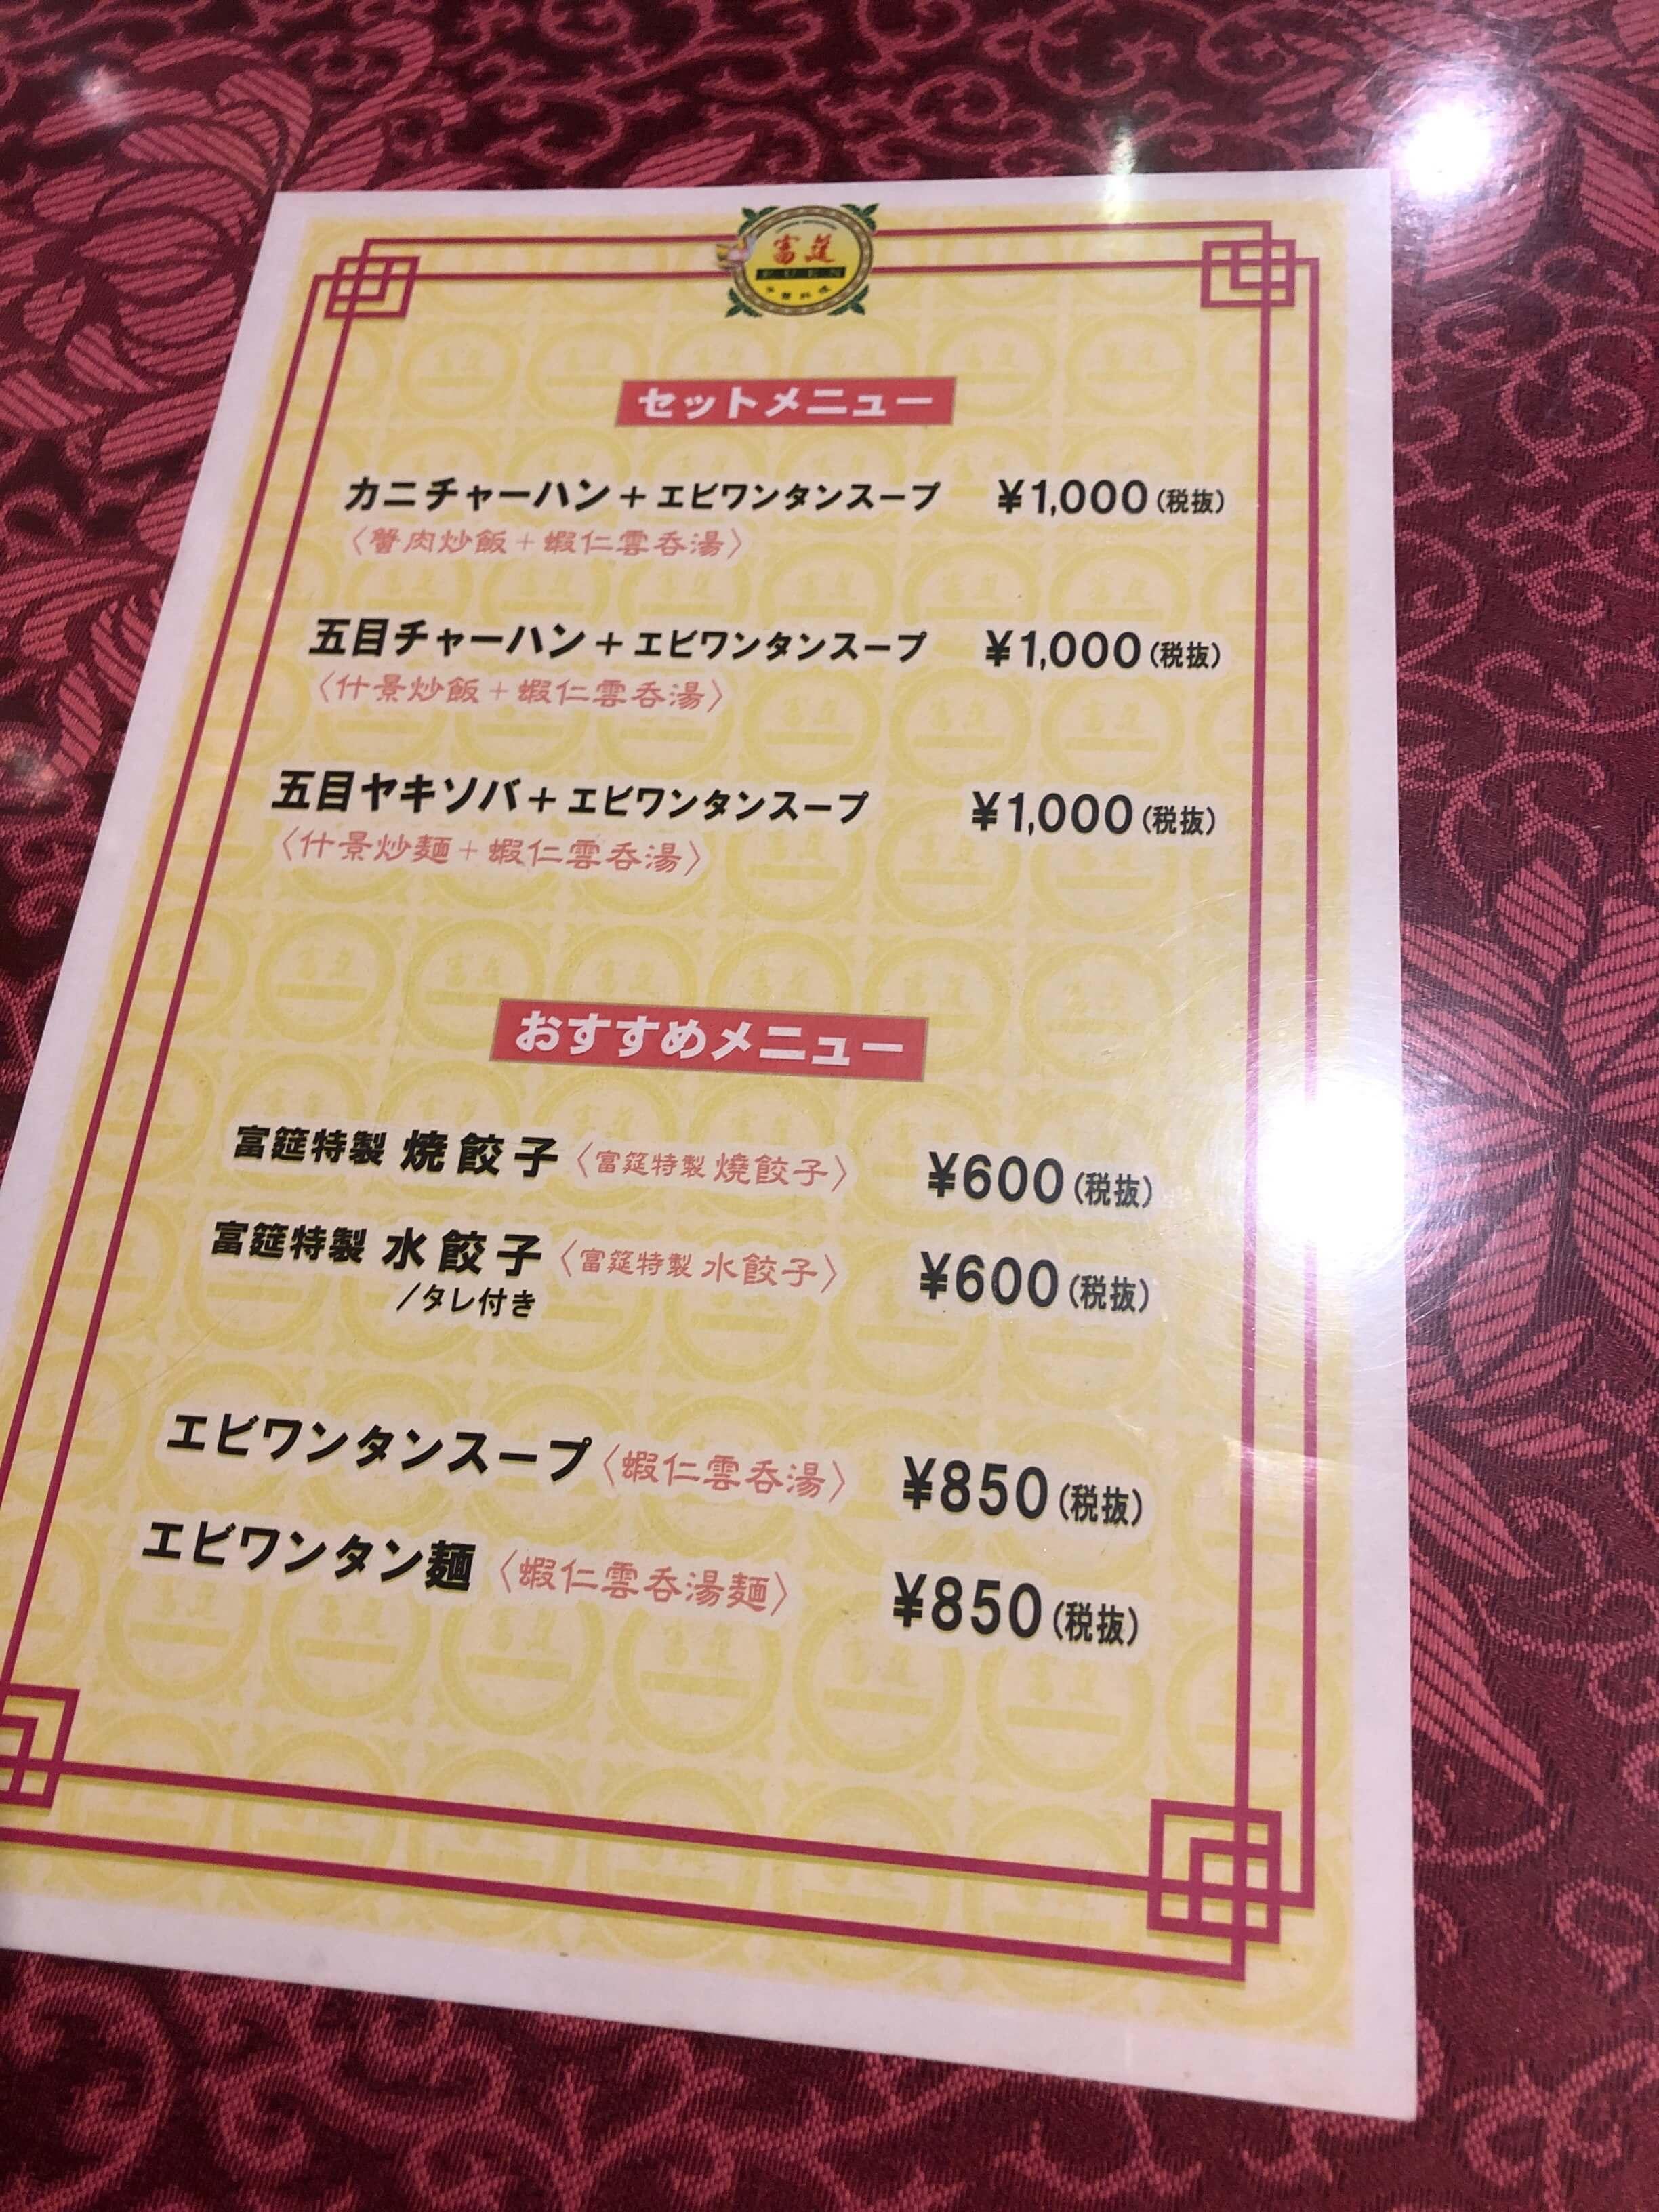 富筵 メニュー 2019.07.27